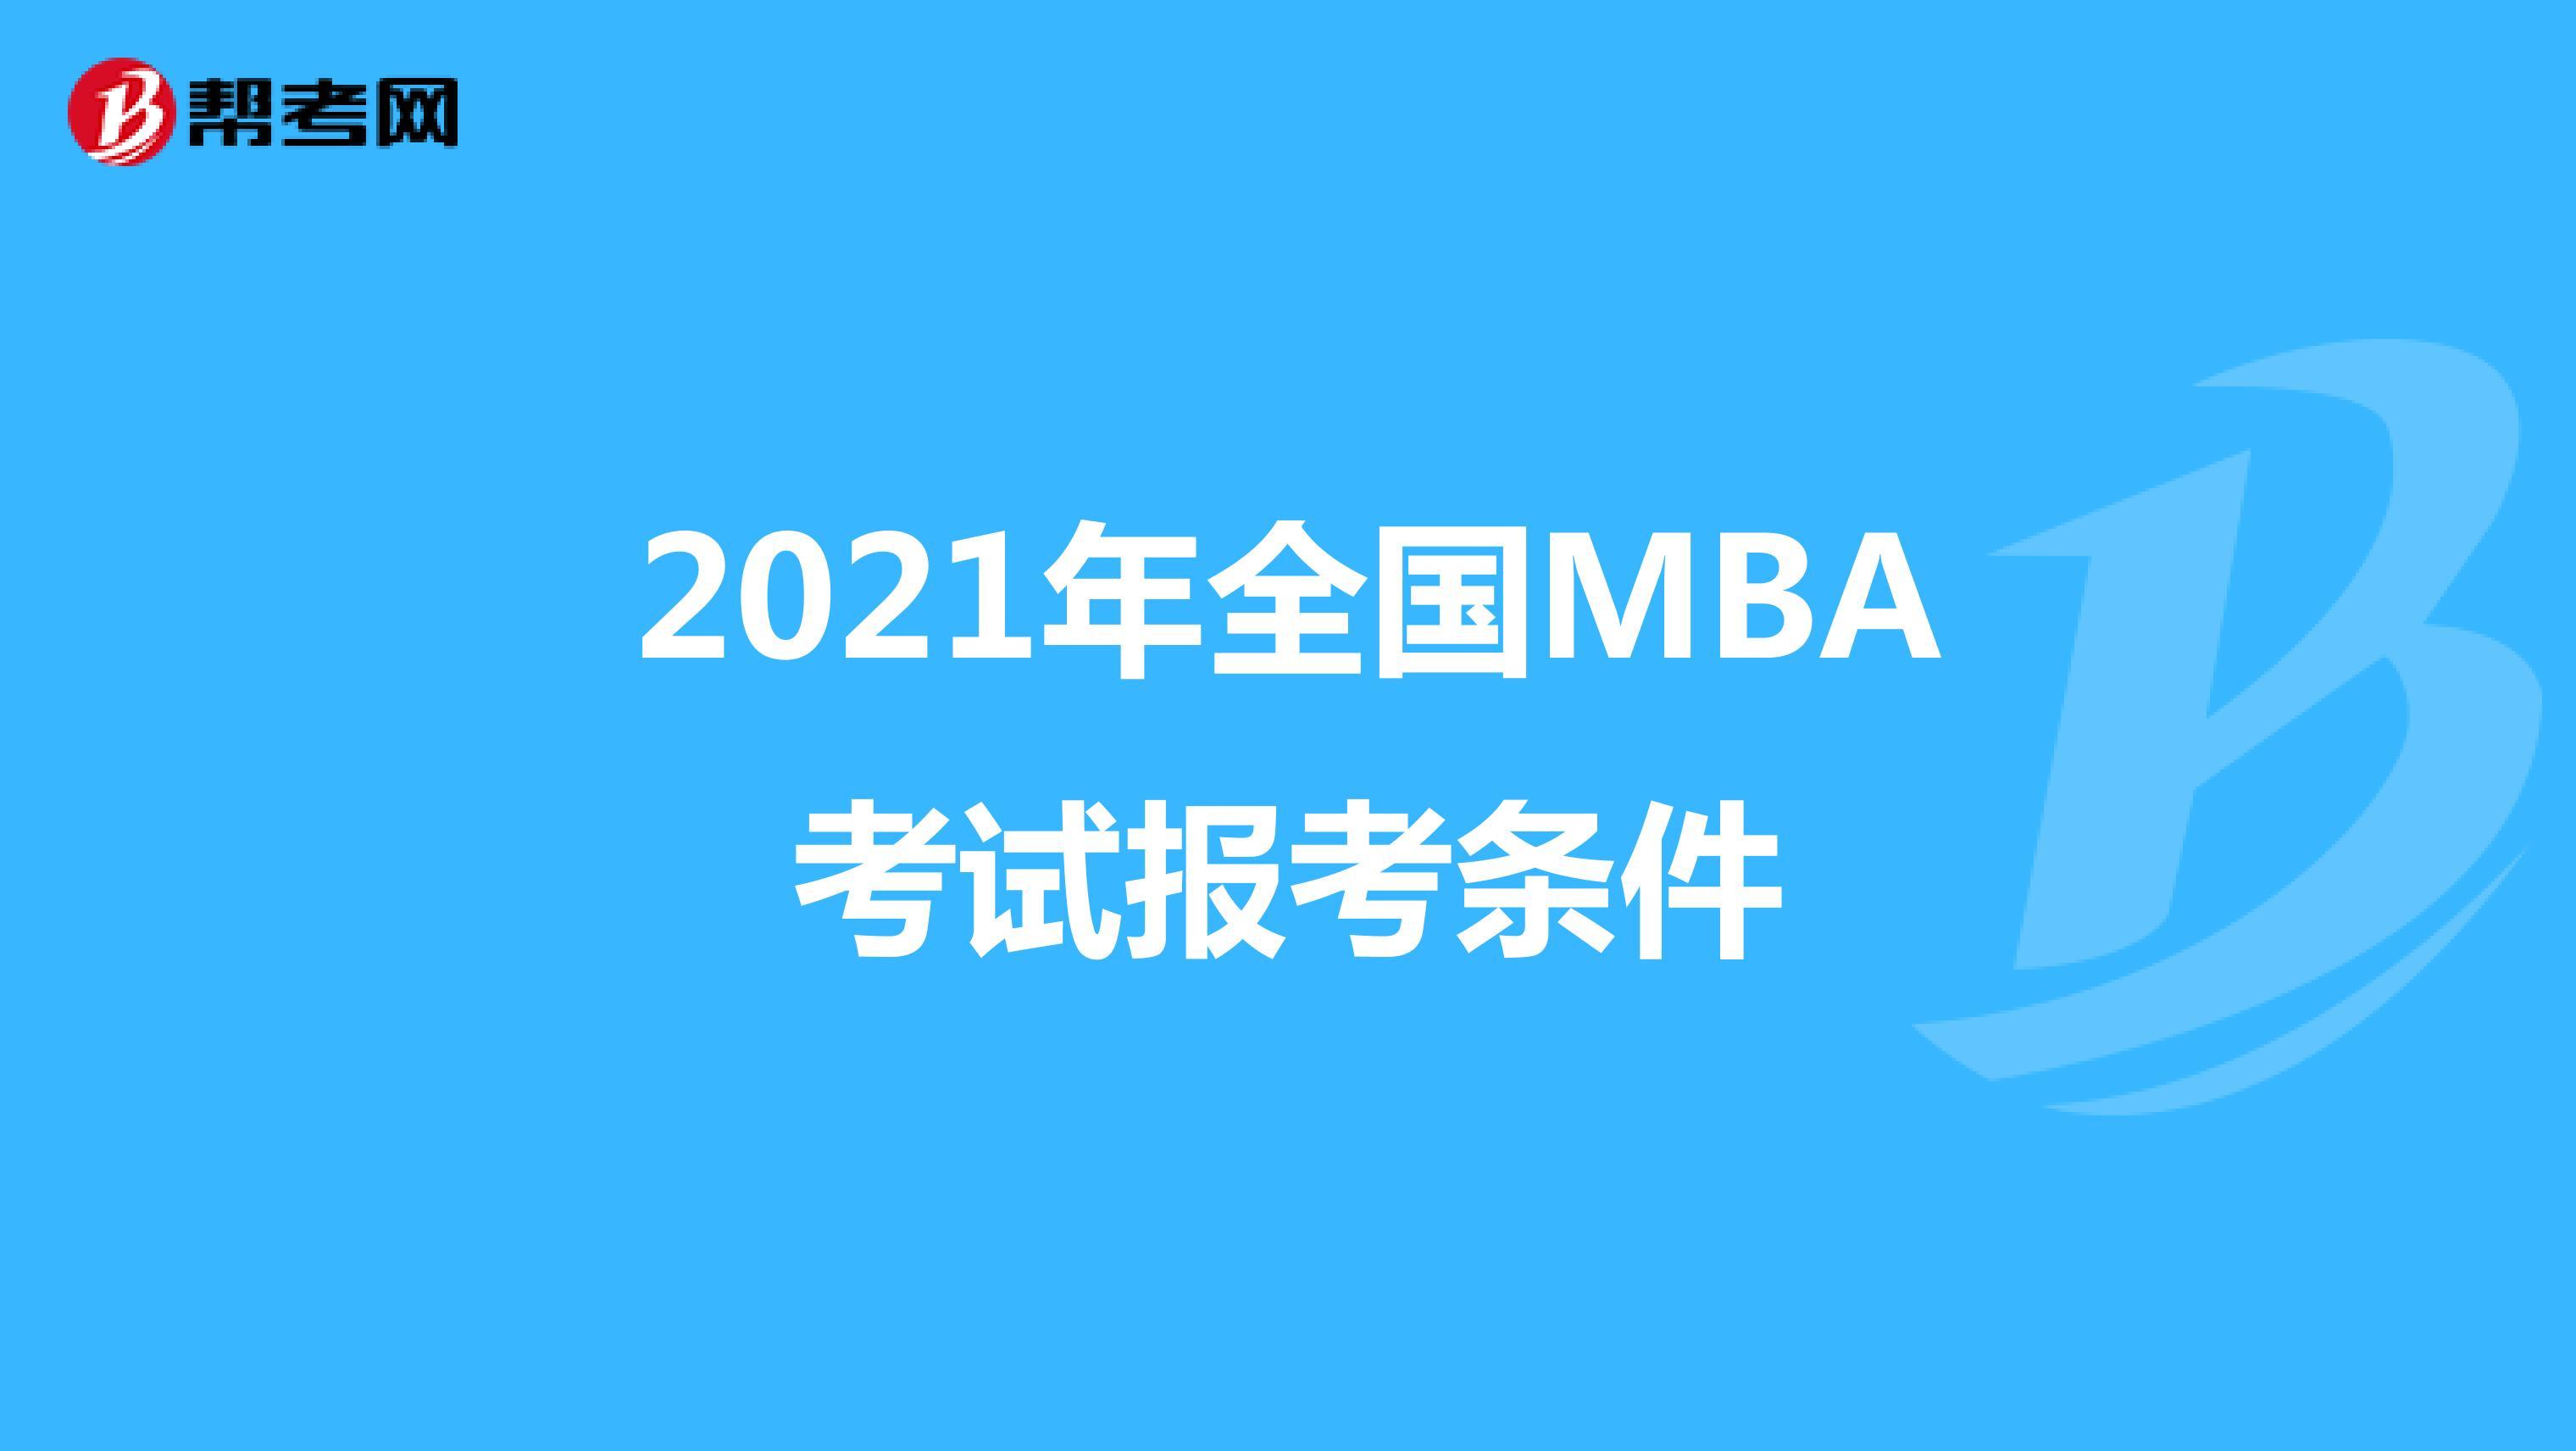 2021年全國MBA考試報考條件